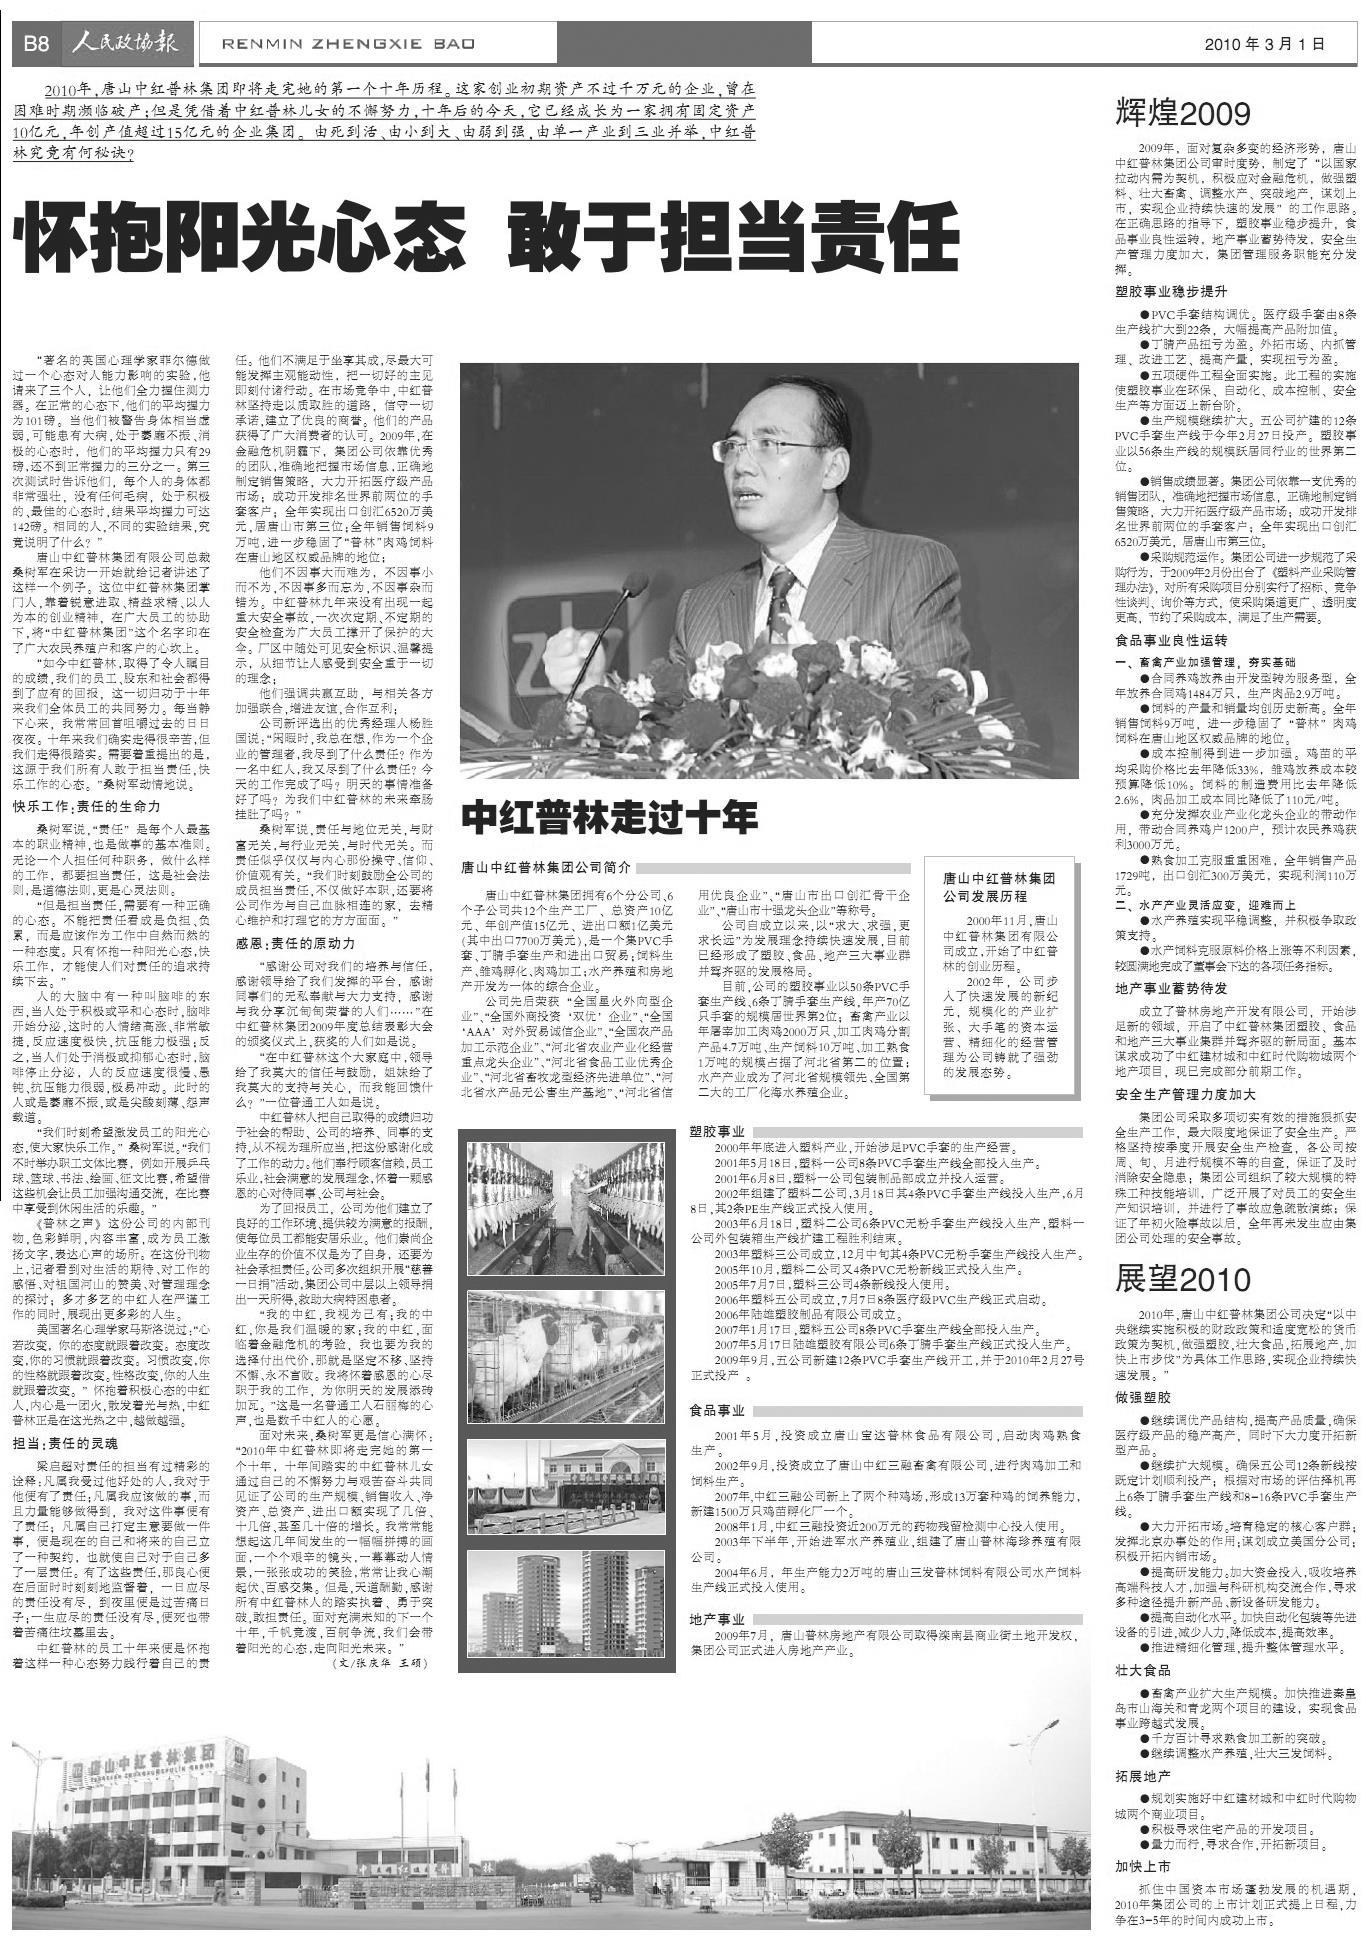 人民政協報2010